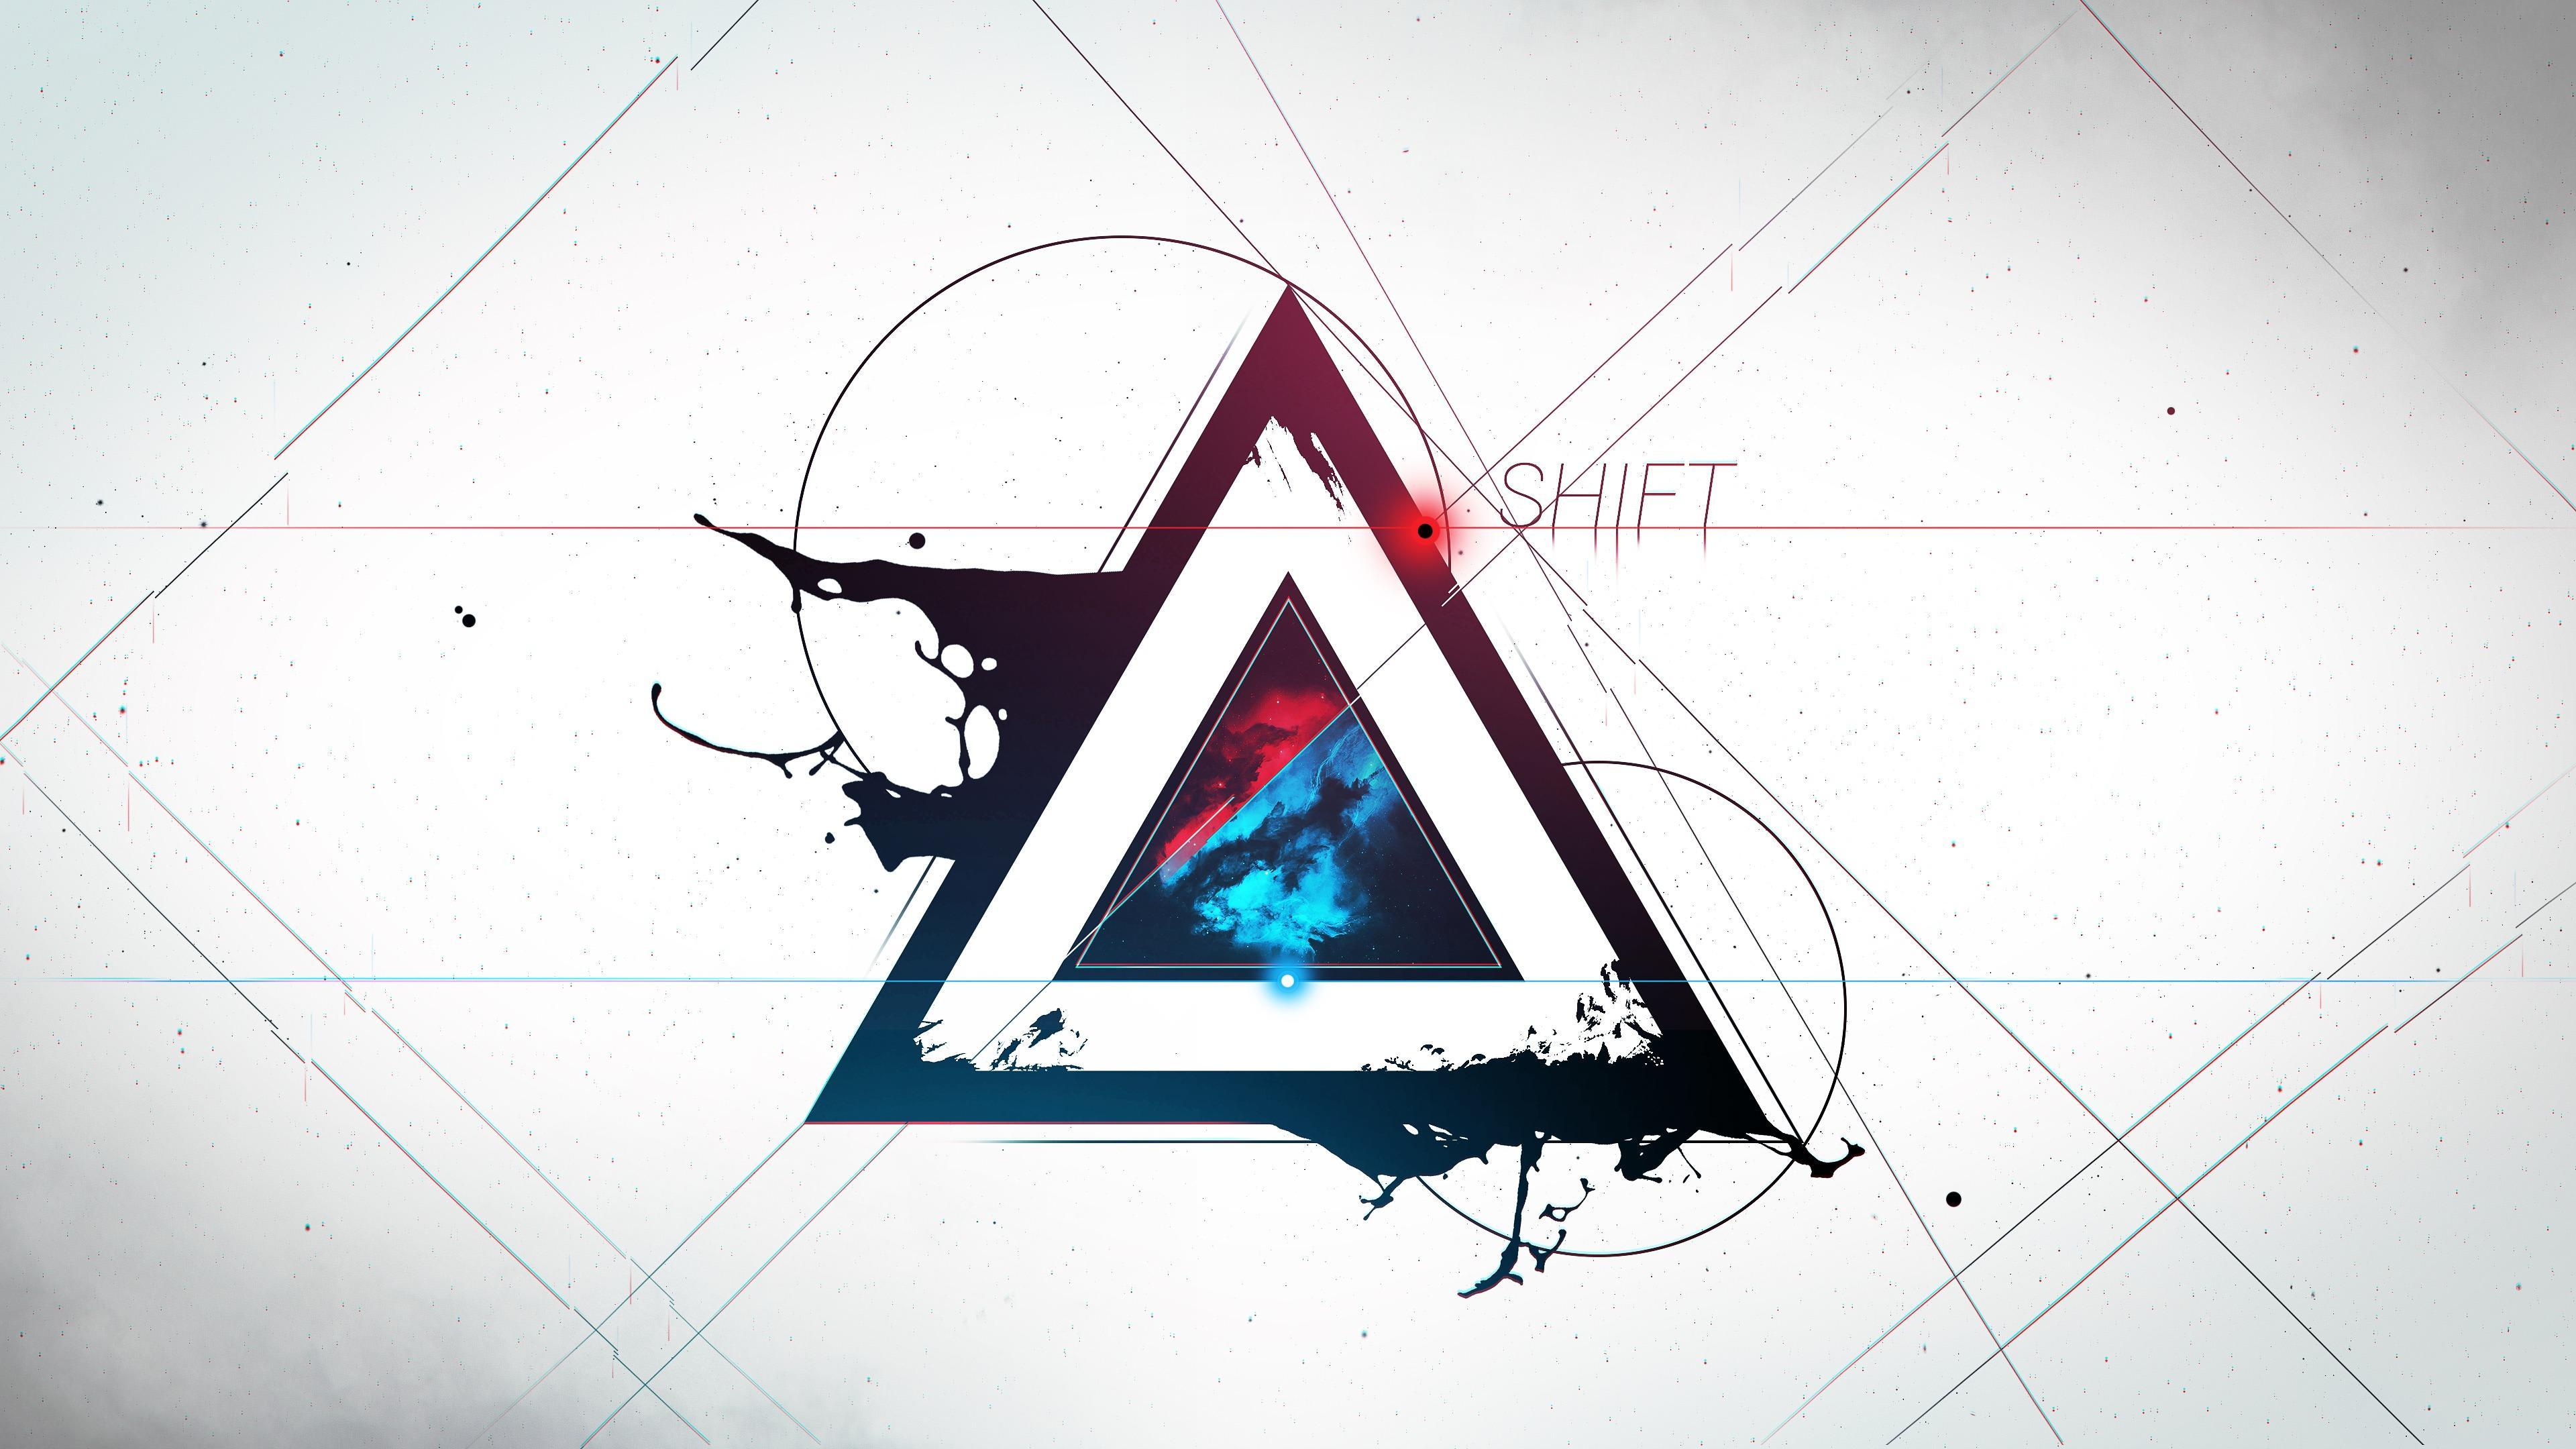 Shift Triangle wallpaper